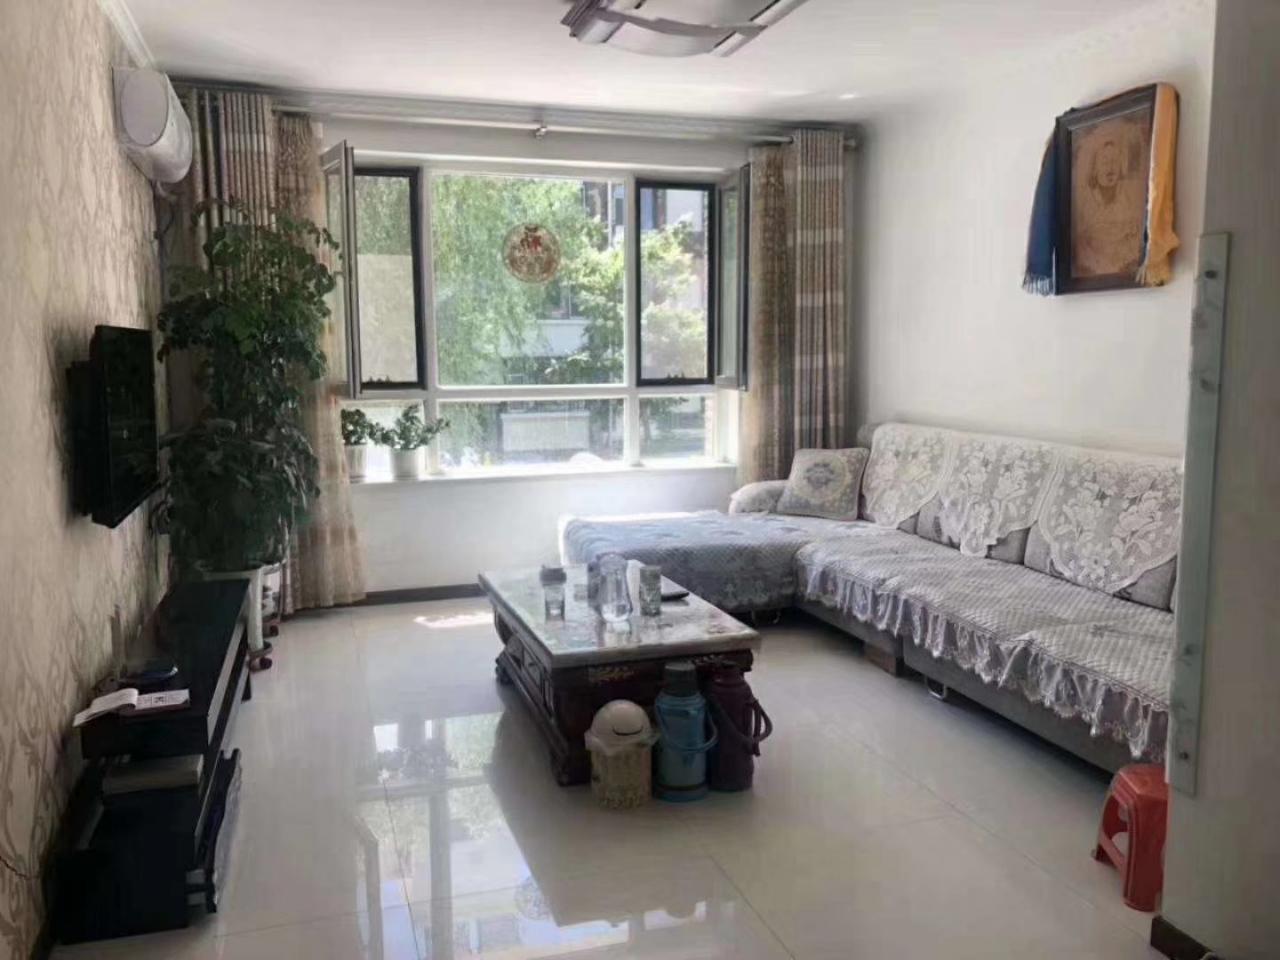 富麗春城西區(省力2樓)2室 1廳 1衛36萬元